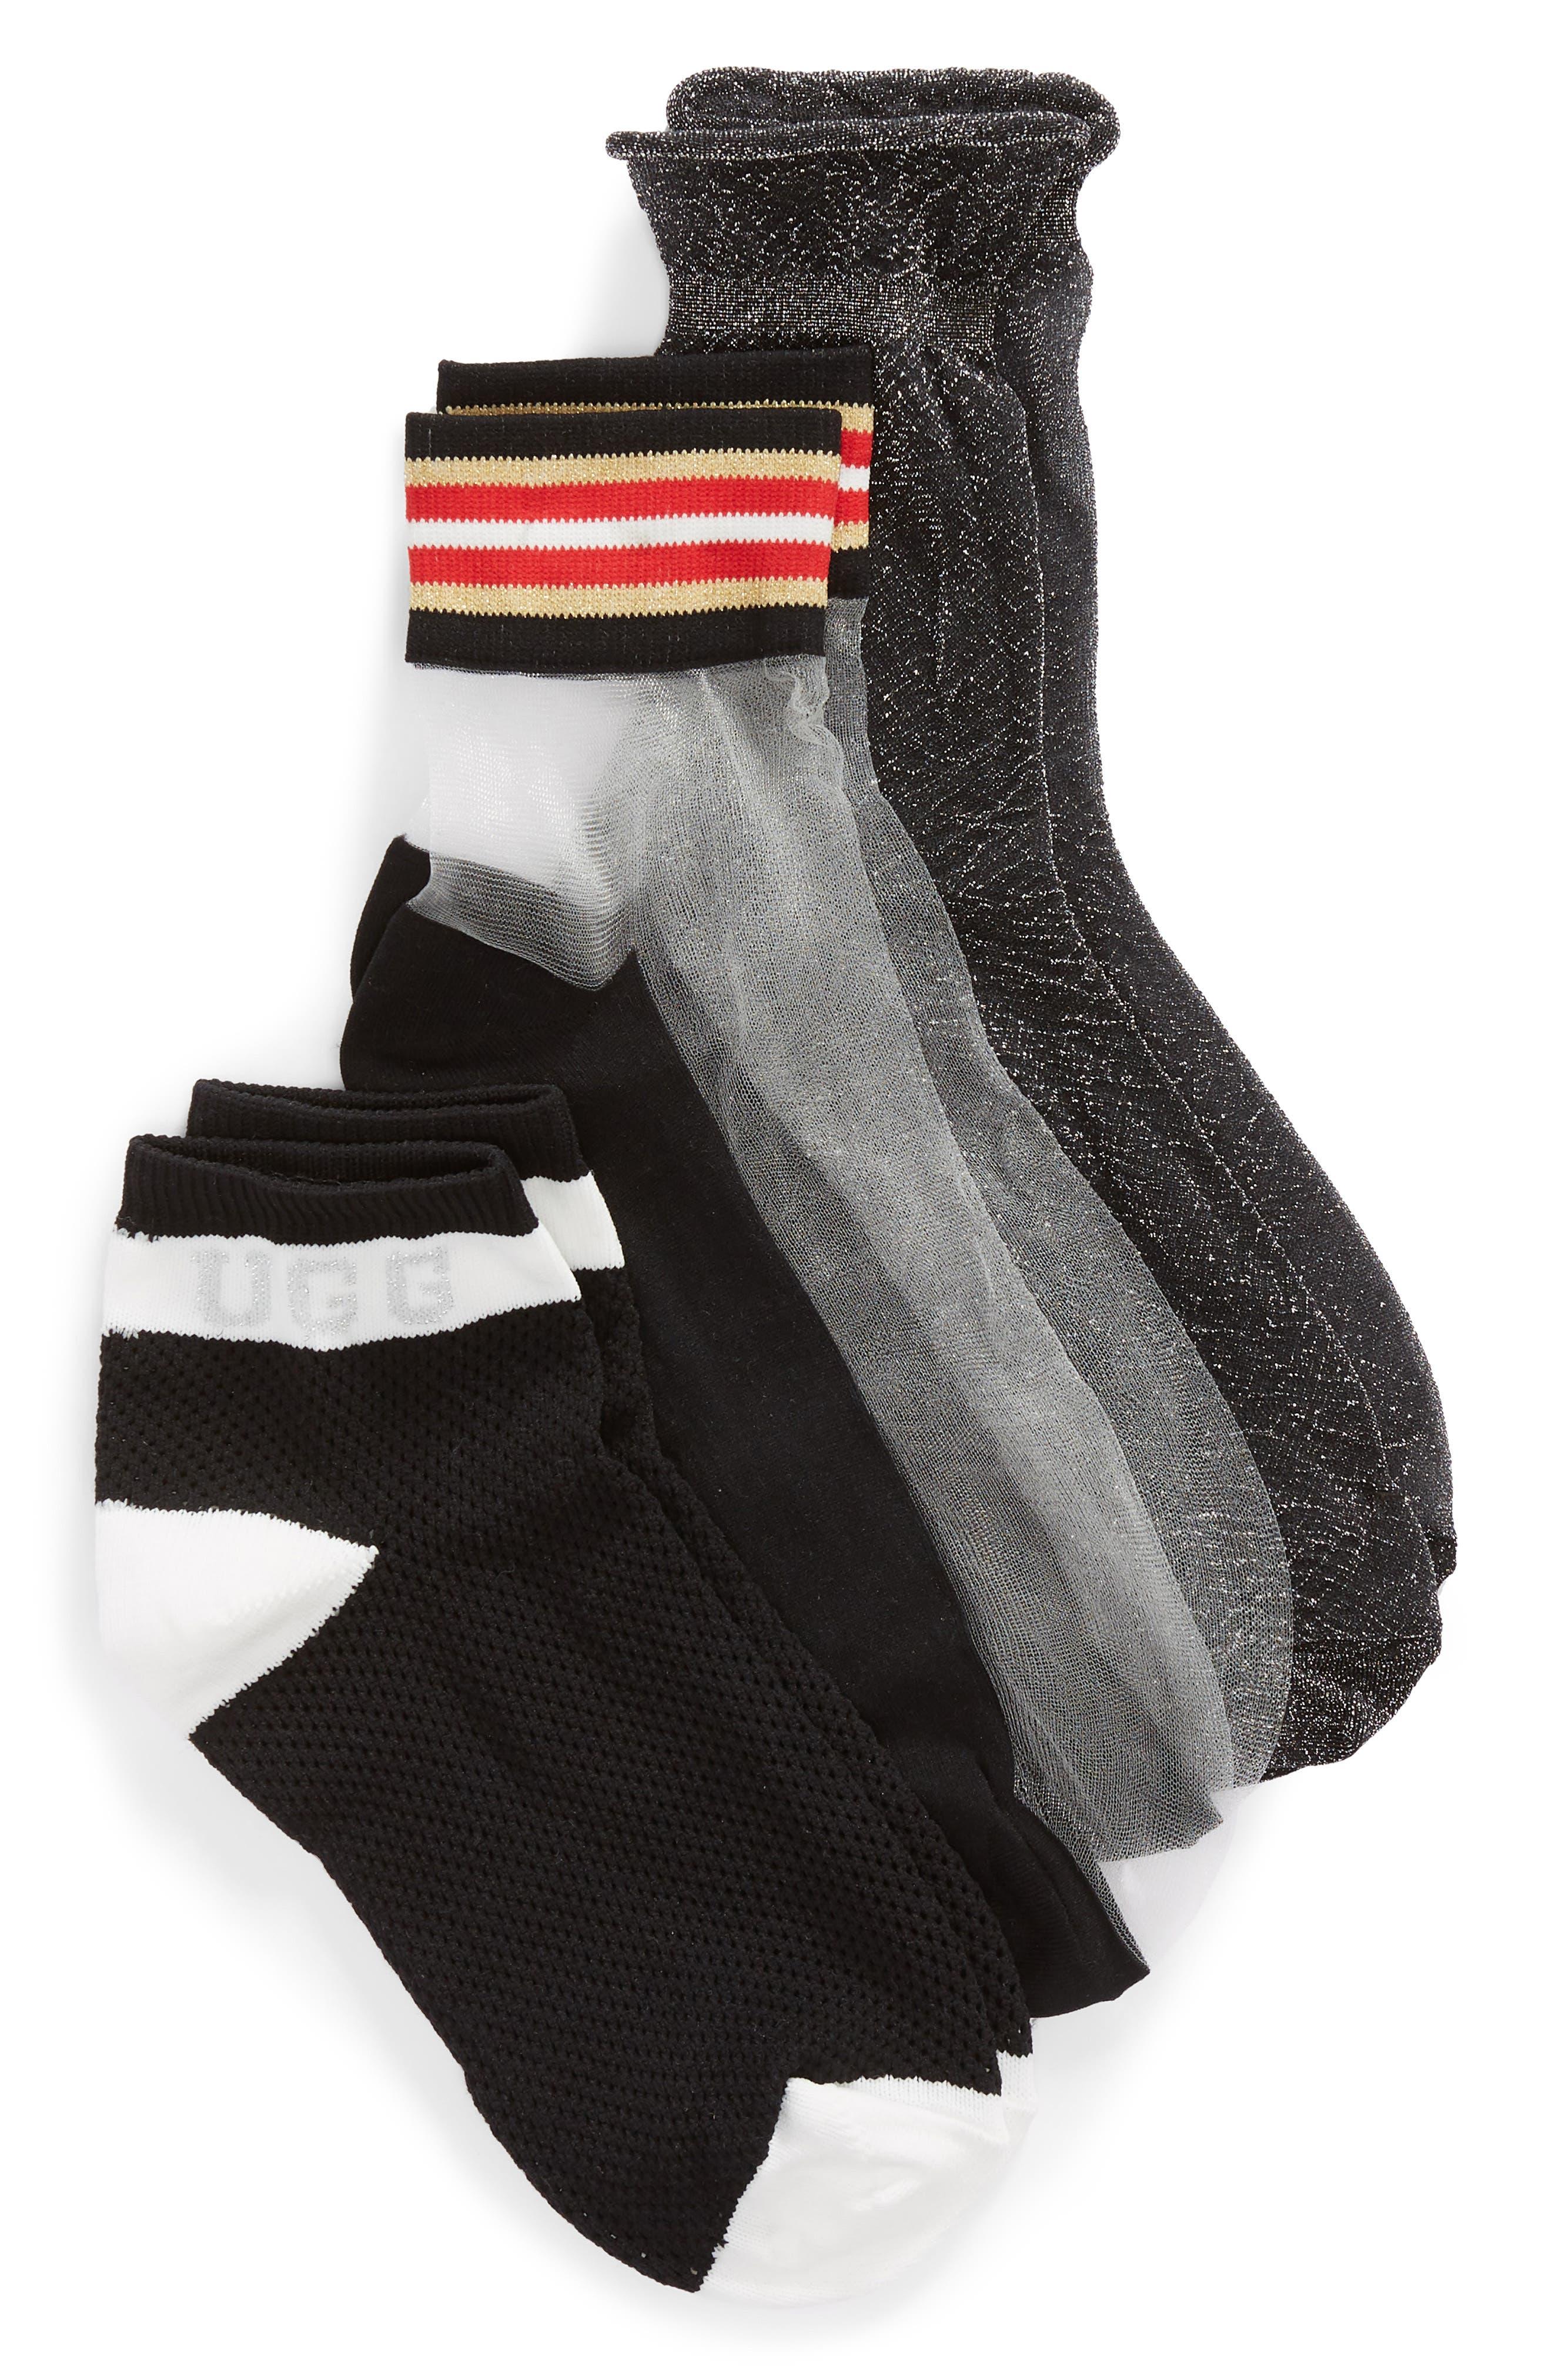 3-Pack Ash Ankle Socks,                             Main thumbnail 1, color,                             MULTI